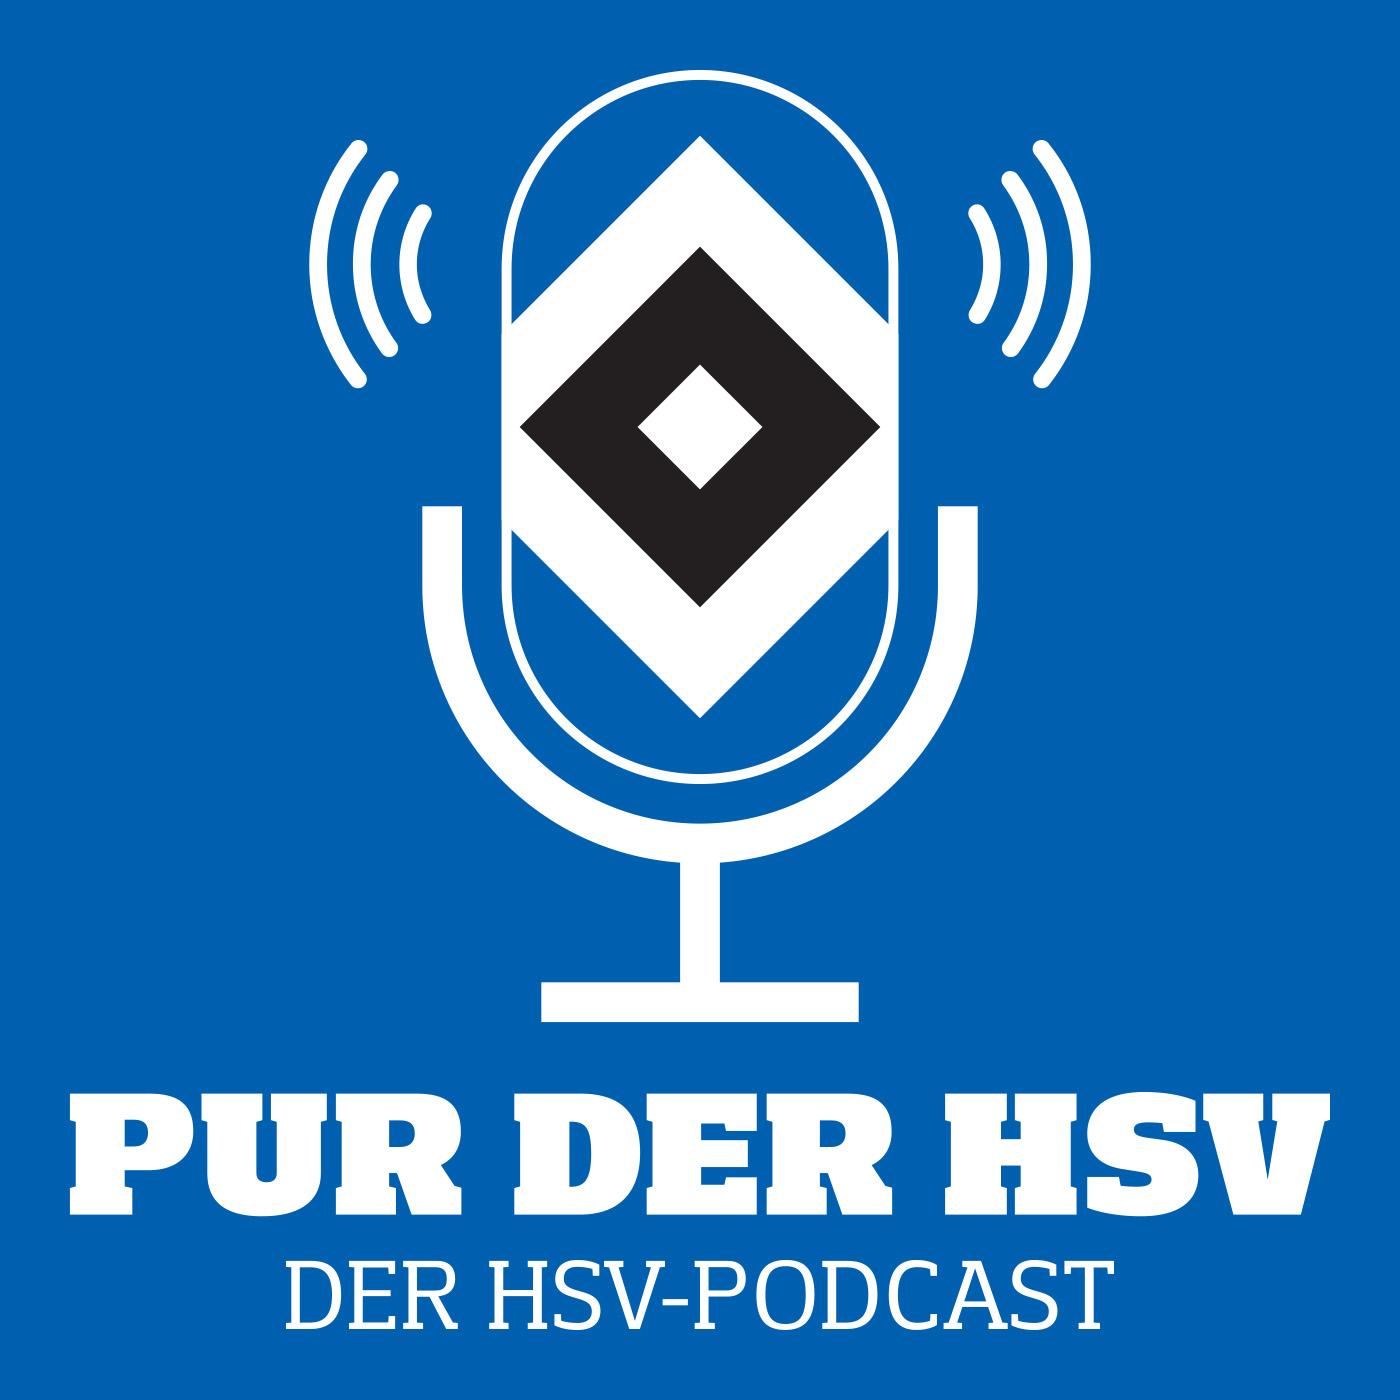 PUR DER HSV - der HSV-Podcast | #8 | MICHAEL MUTZEL